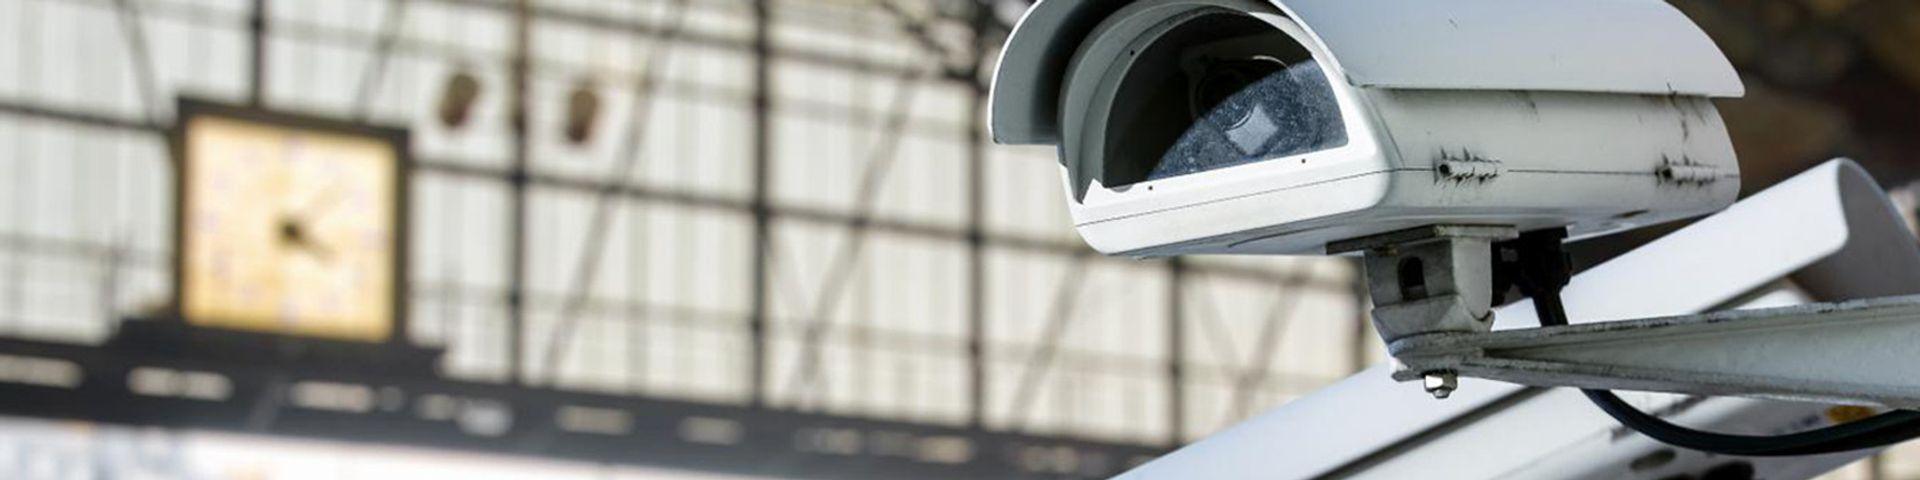 Vigilancia en urbanizaciones y espacios públicos